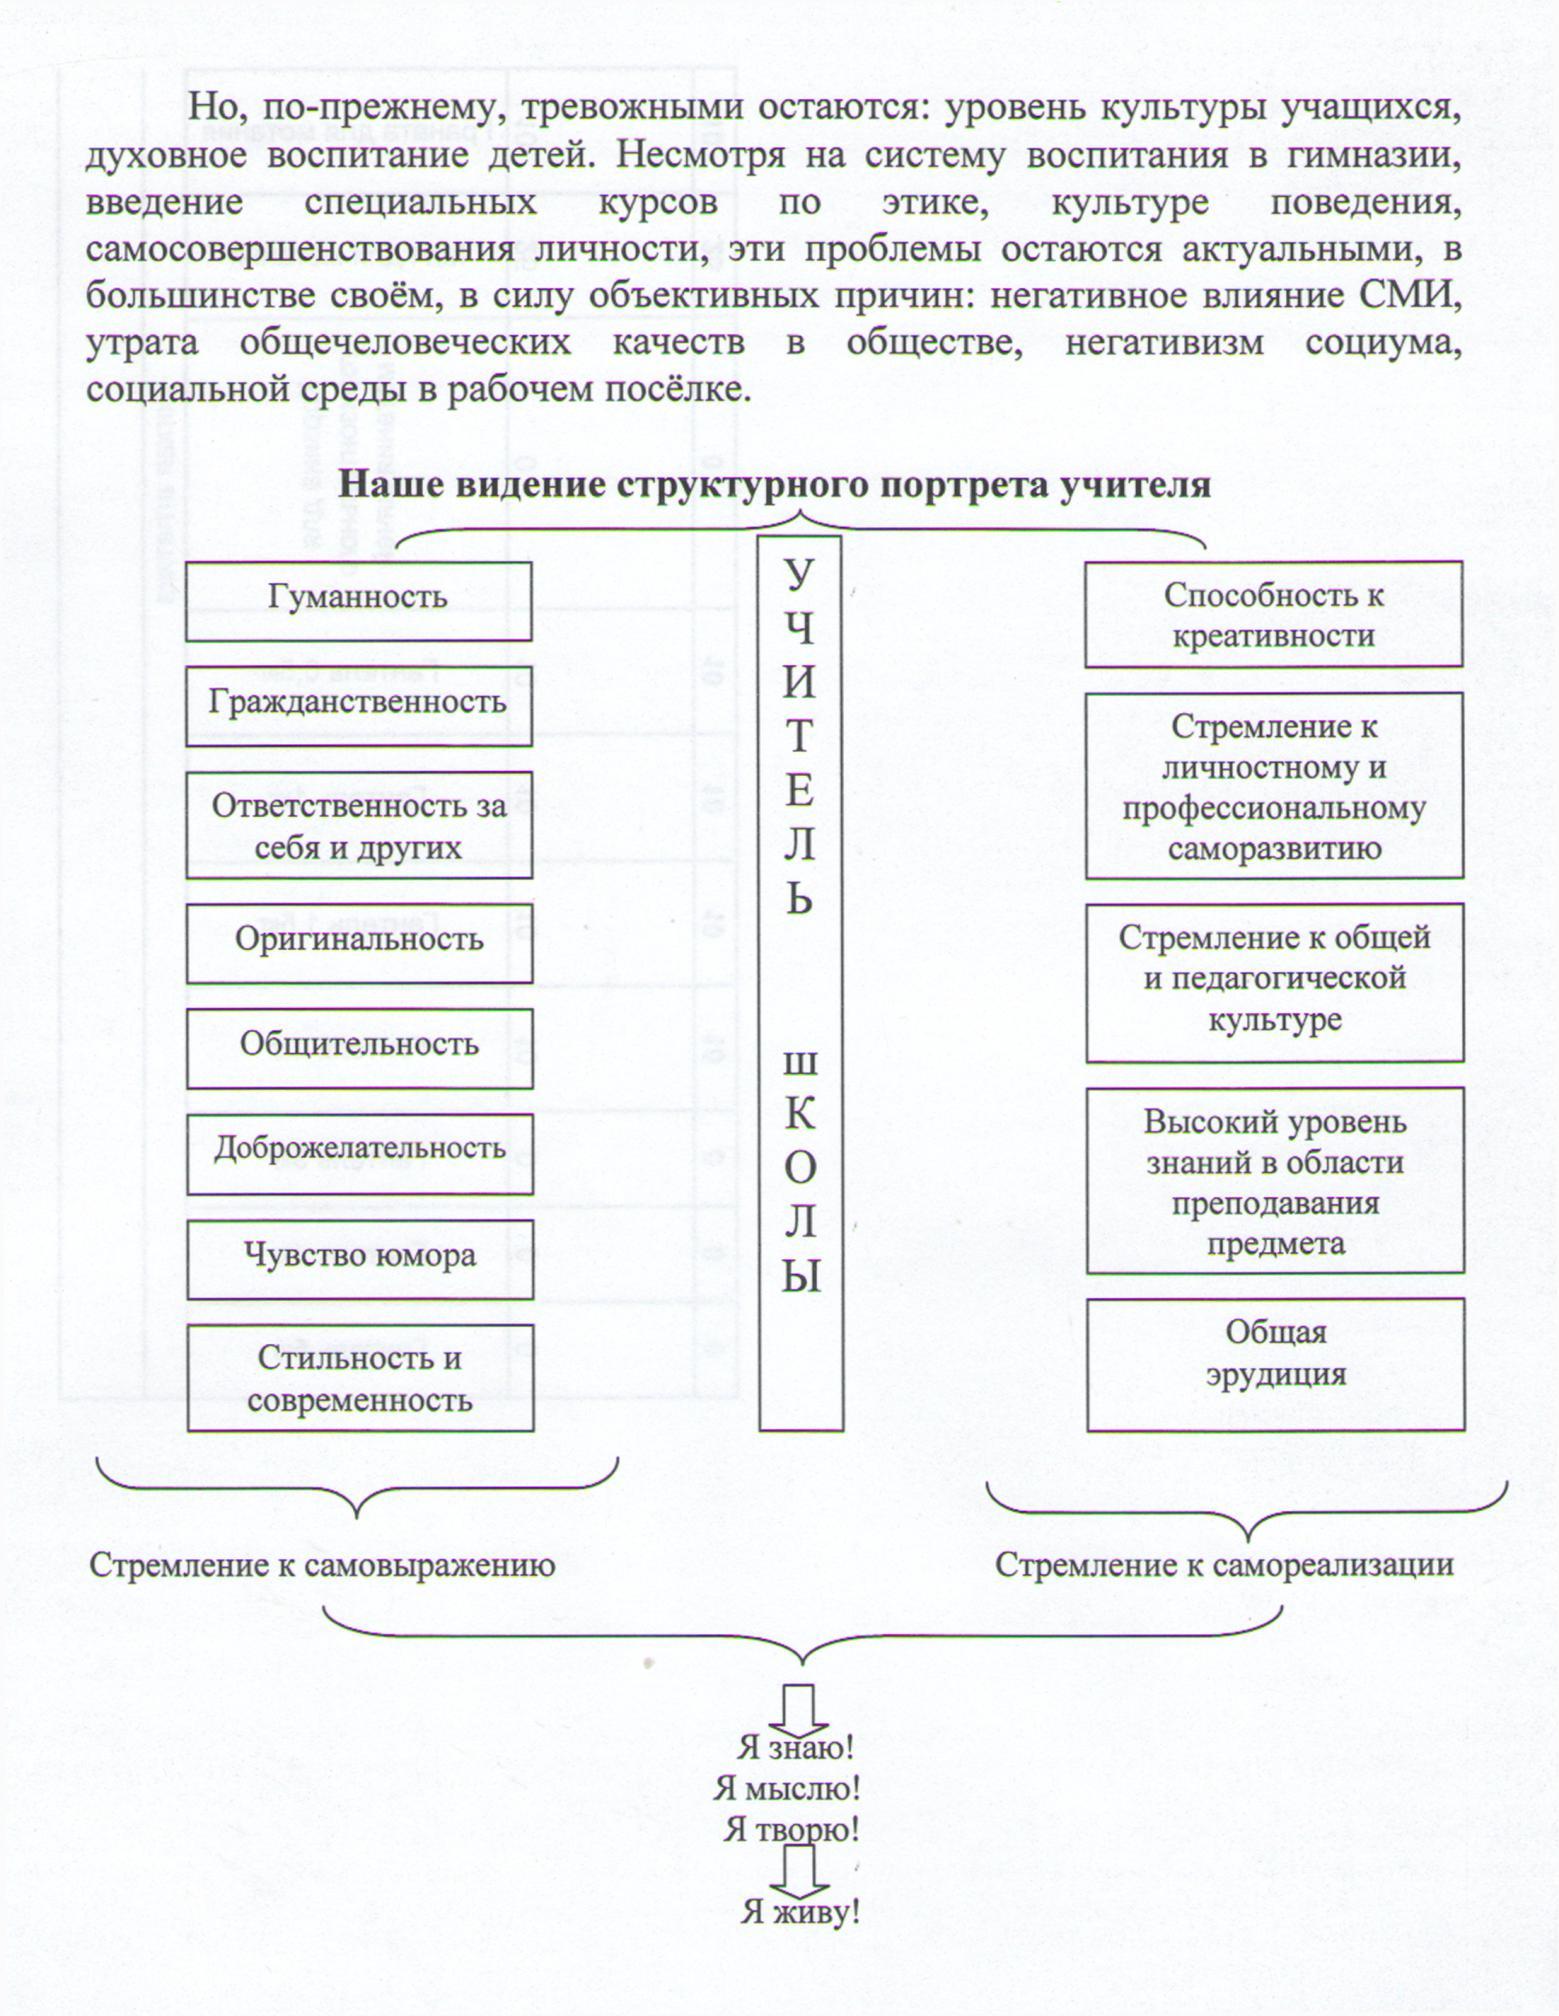 C:\Users\Галина Васильевна\Desktop\учитель.tif